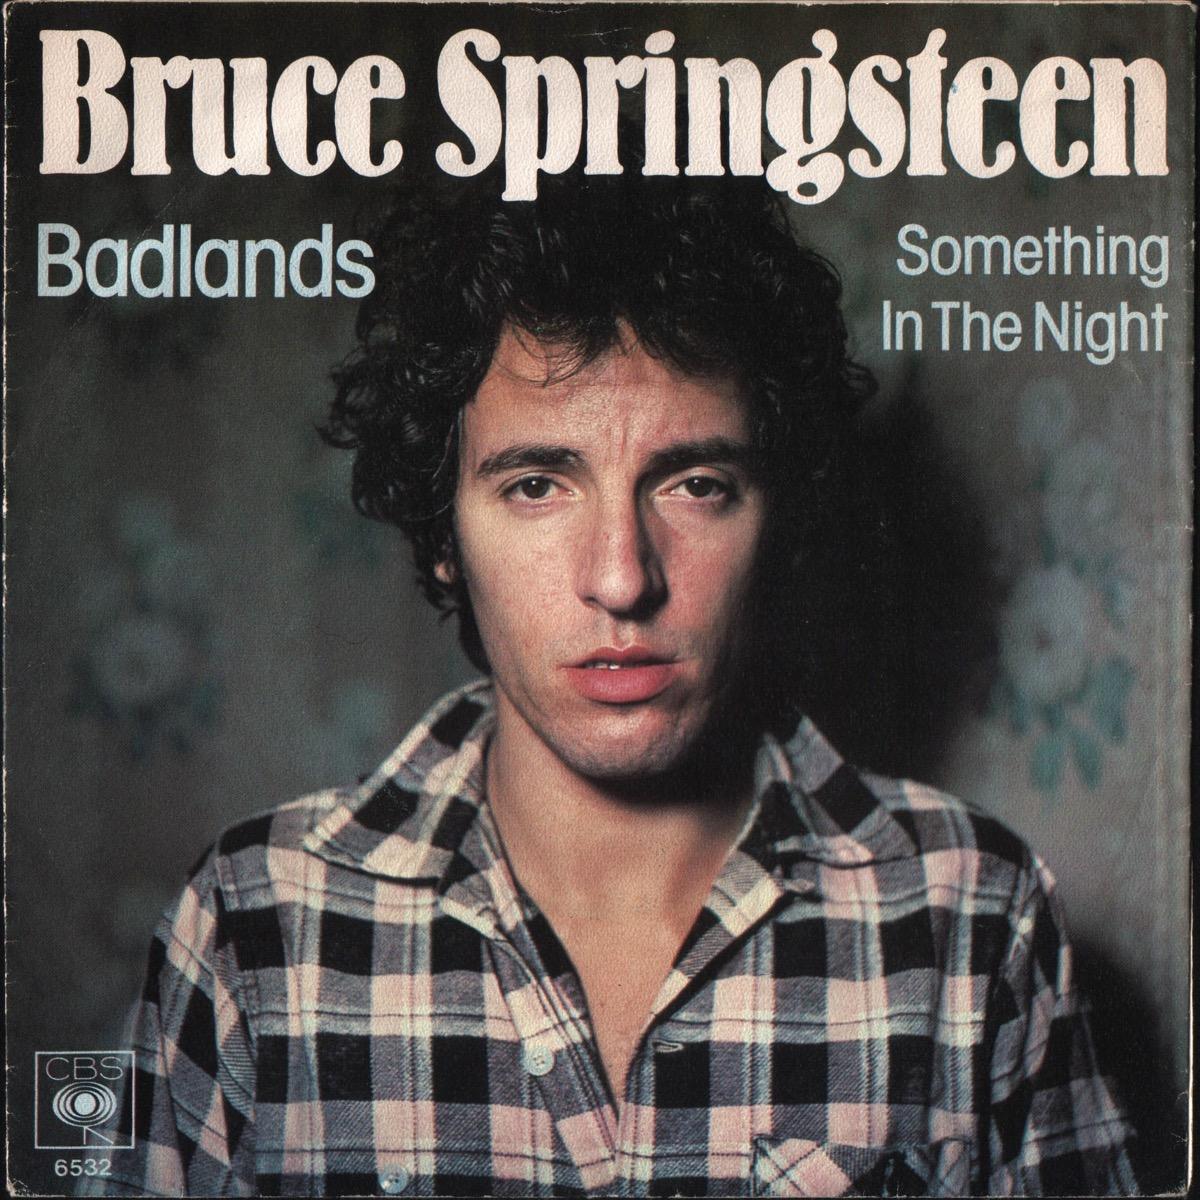 Badlands by Bruce Springsteen